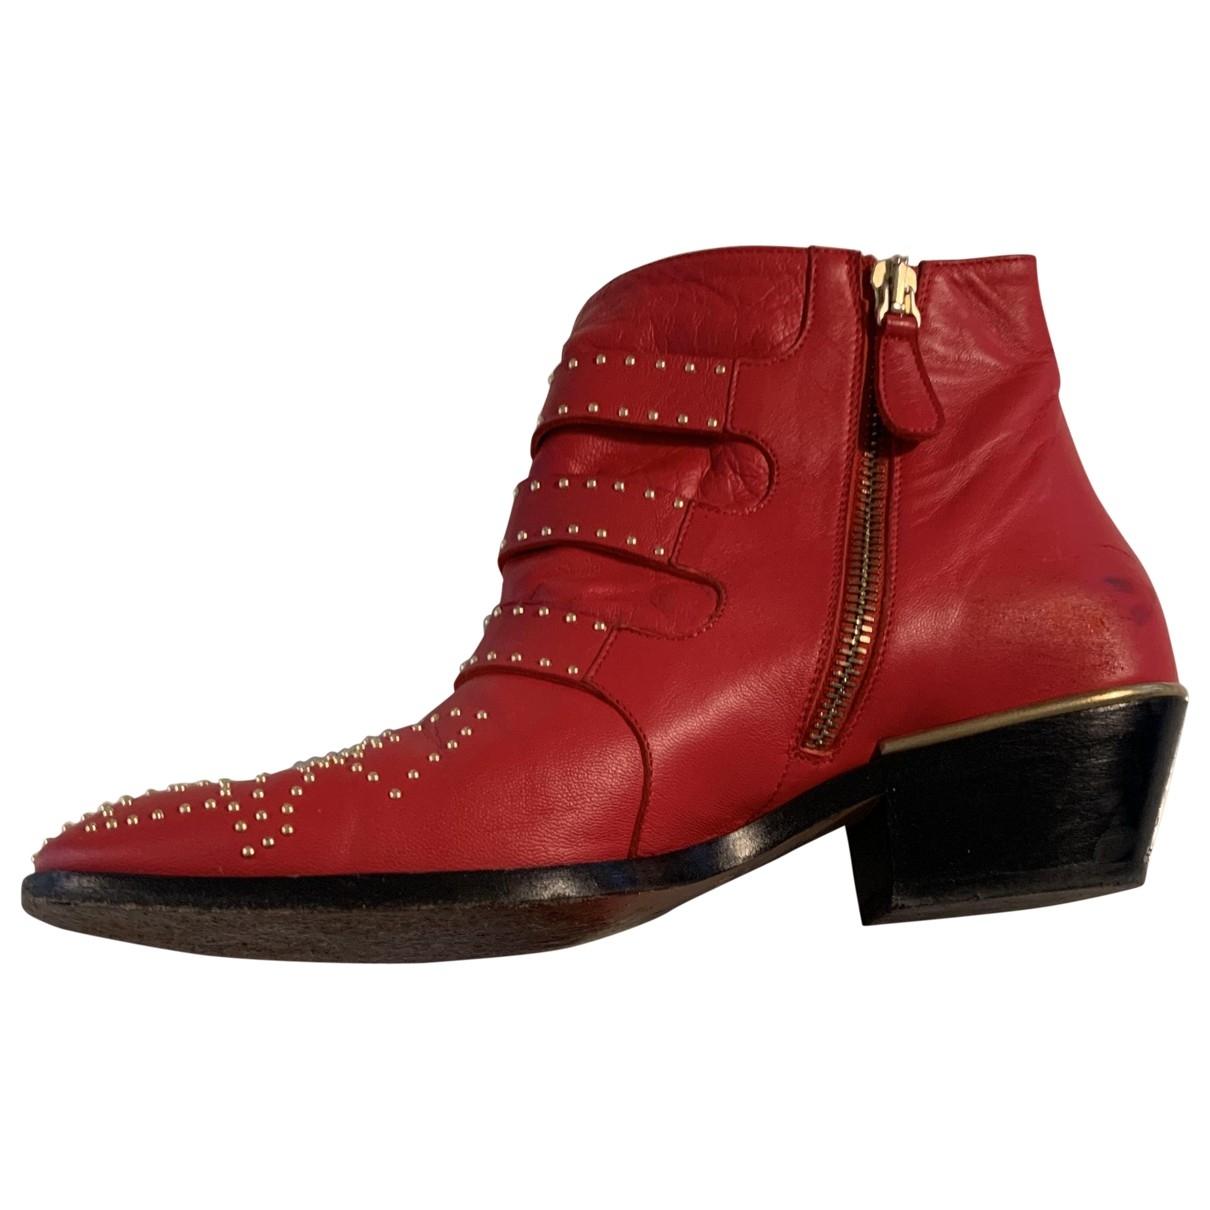 Chloe - Boots Susanna pour femme en cuir - rouge